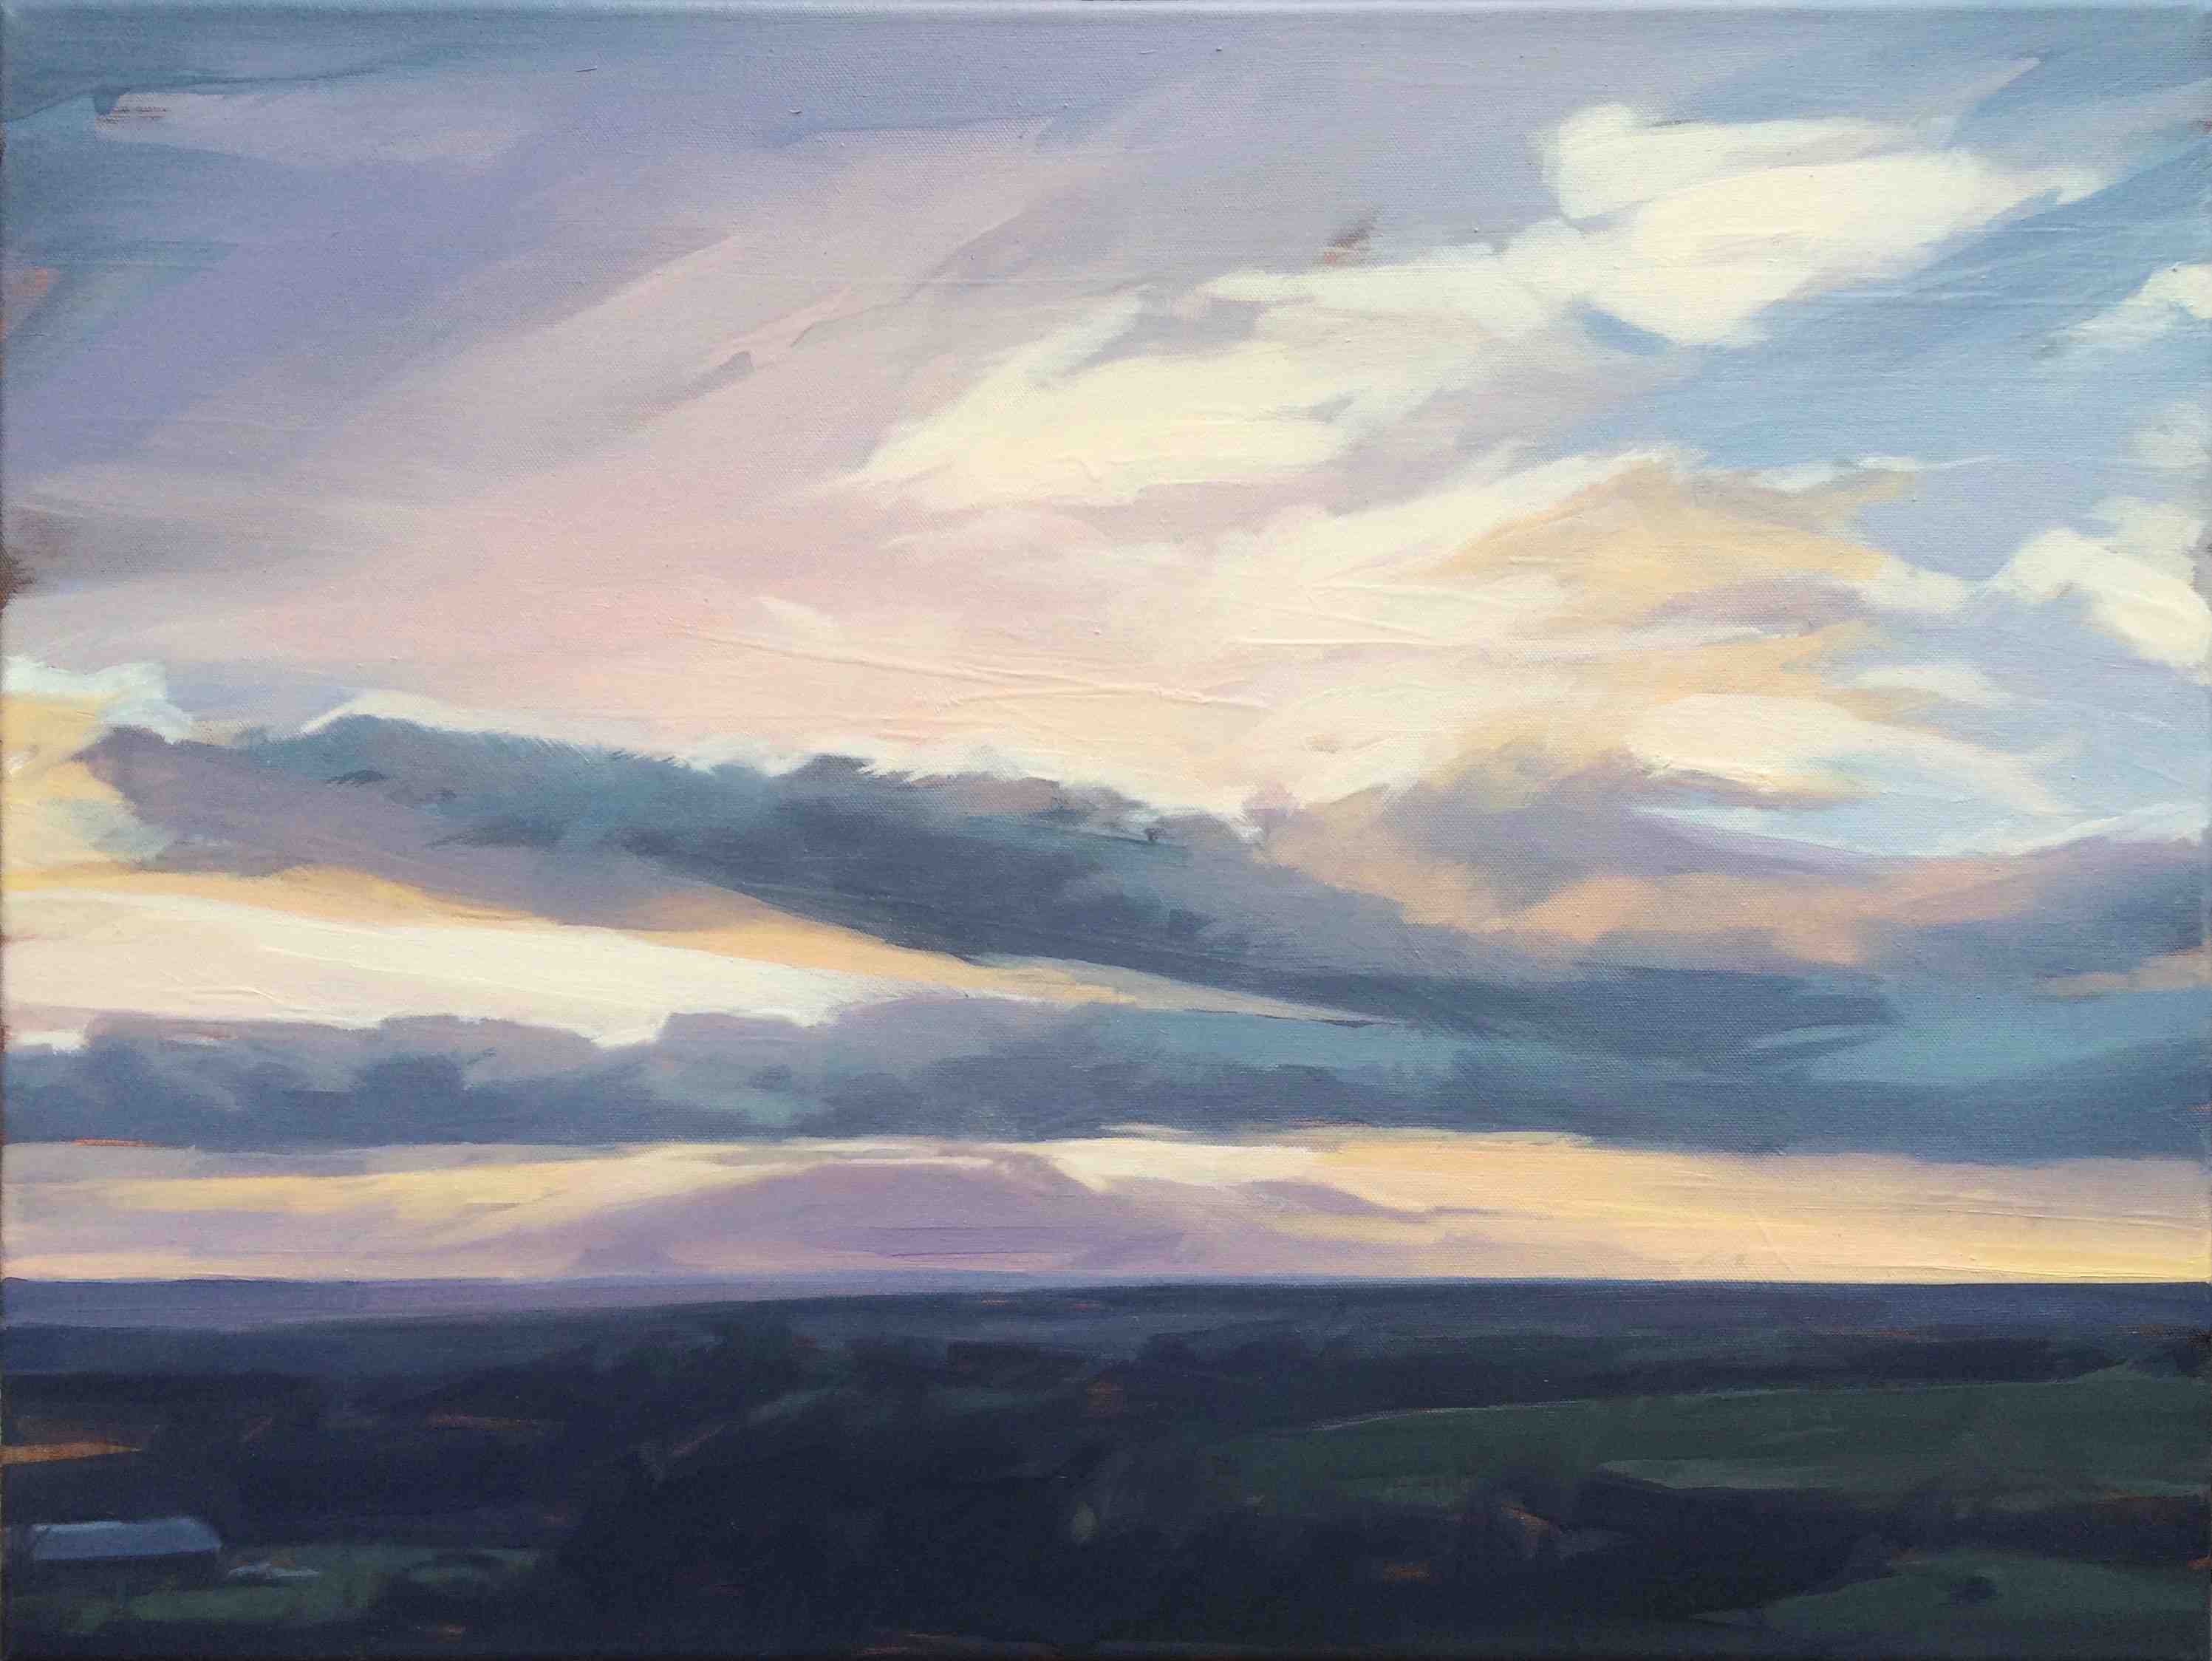 Tracey Quinn, Dusk Sky Summer, oil on canvas, 46 x 60 cm